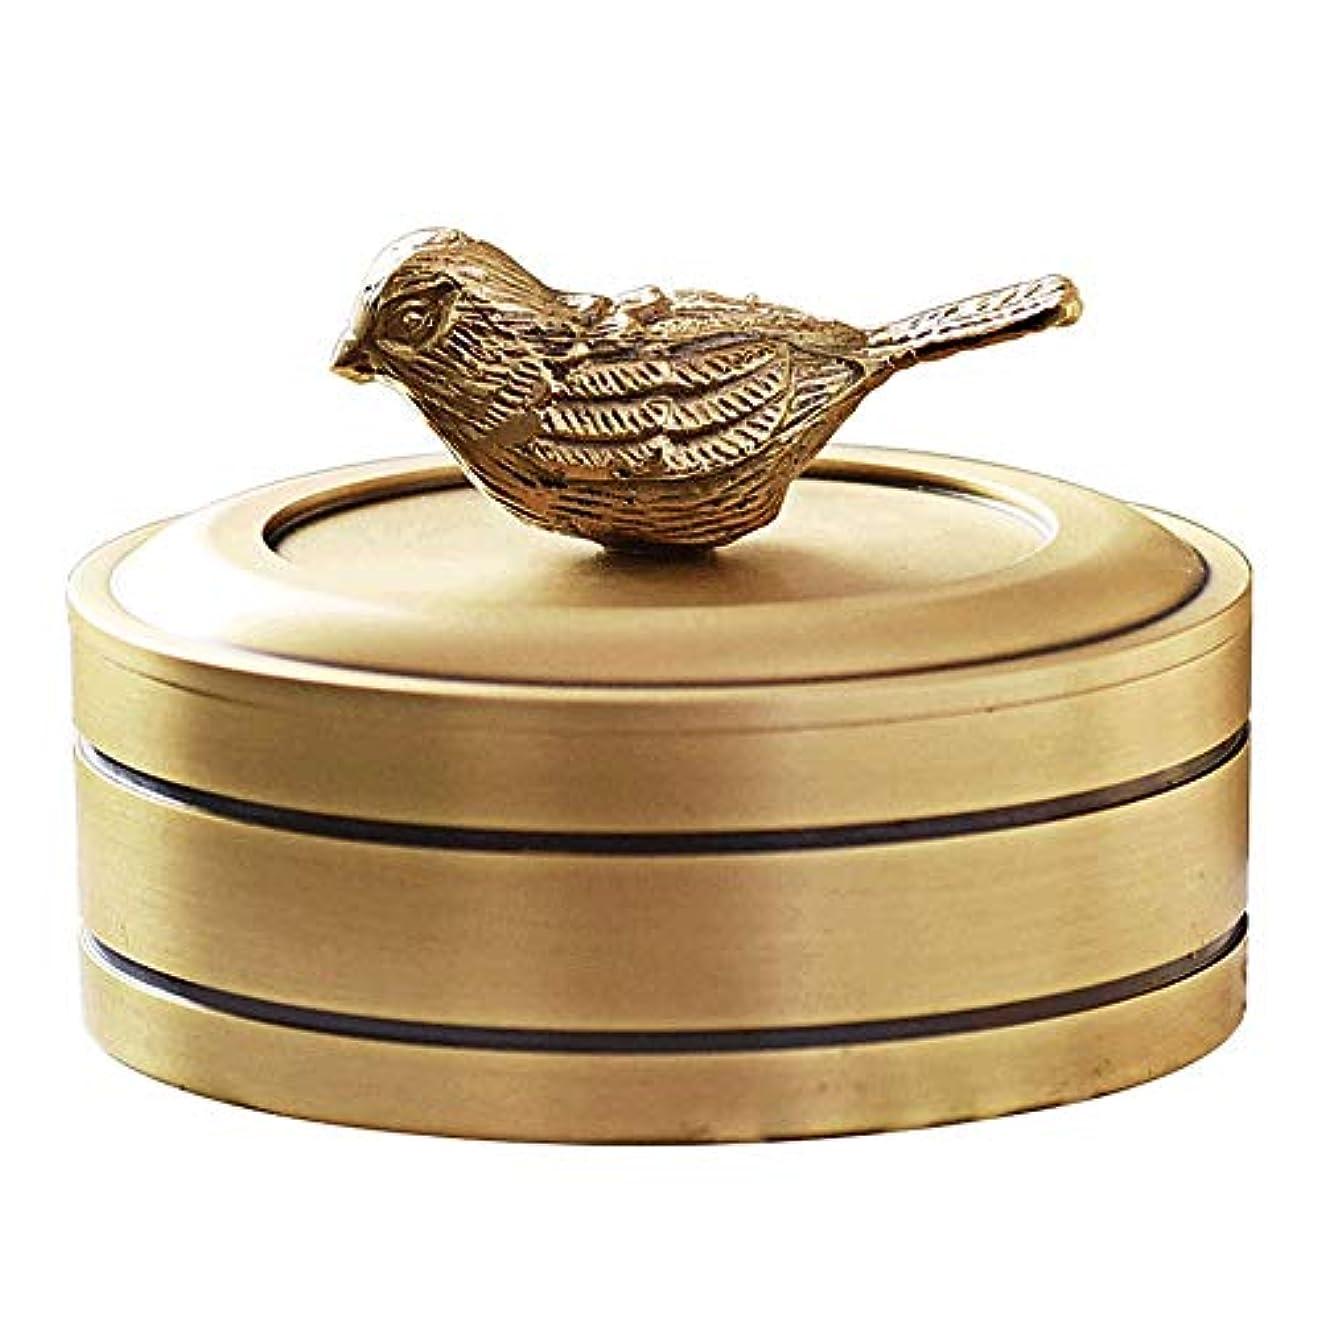 観客線形重さ銅の宝石箱ファッションギフトリビングルームホームデコレーション装飾品でカバー純粋な銅灰皿